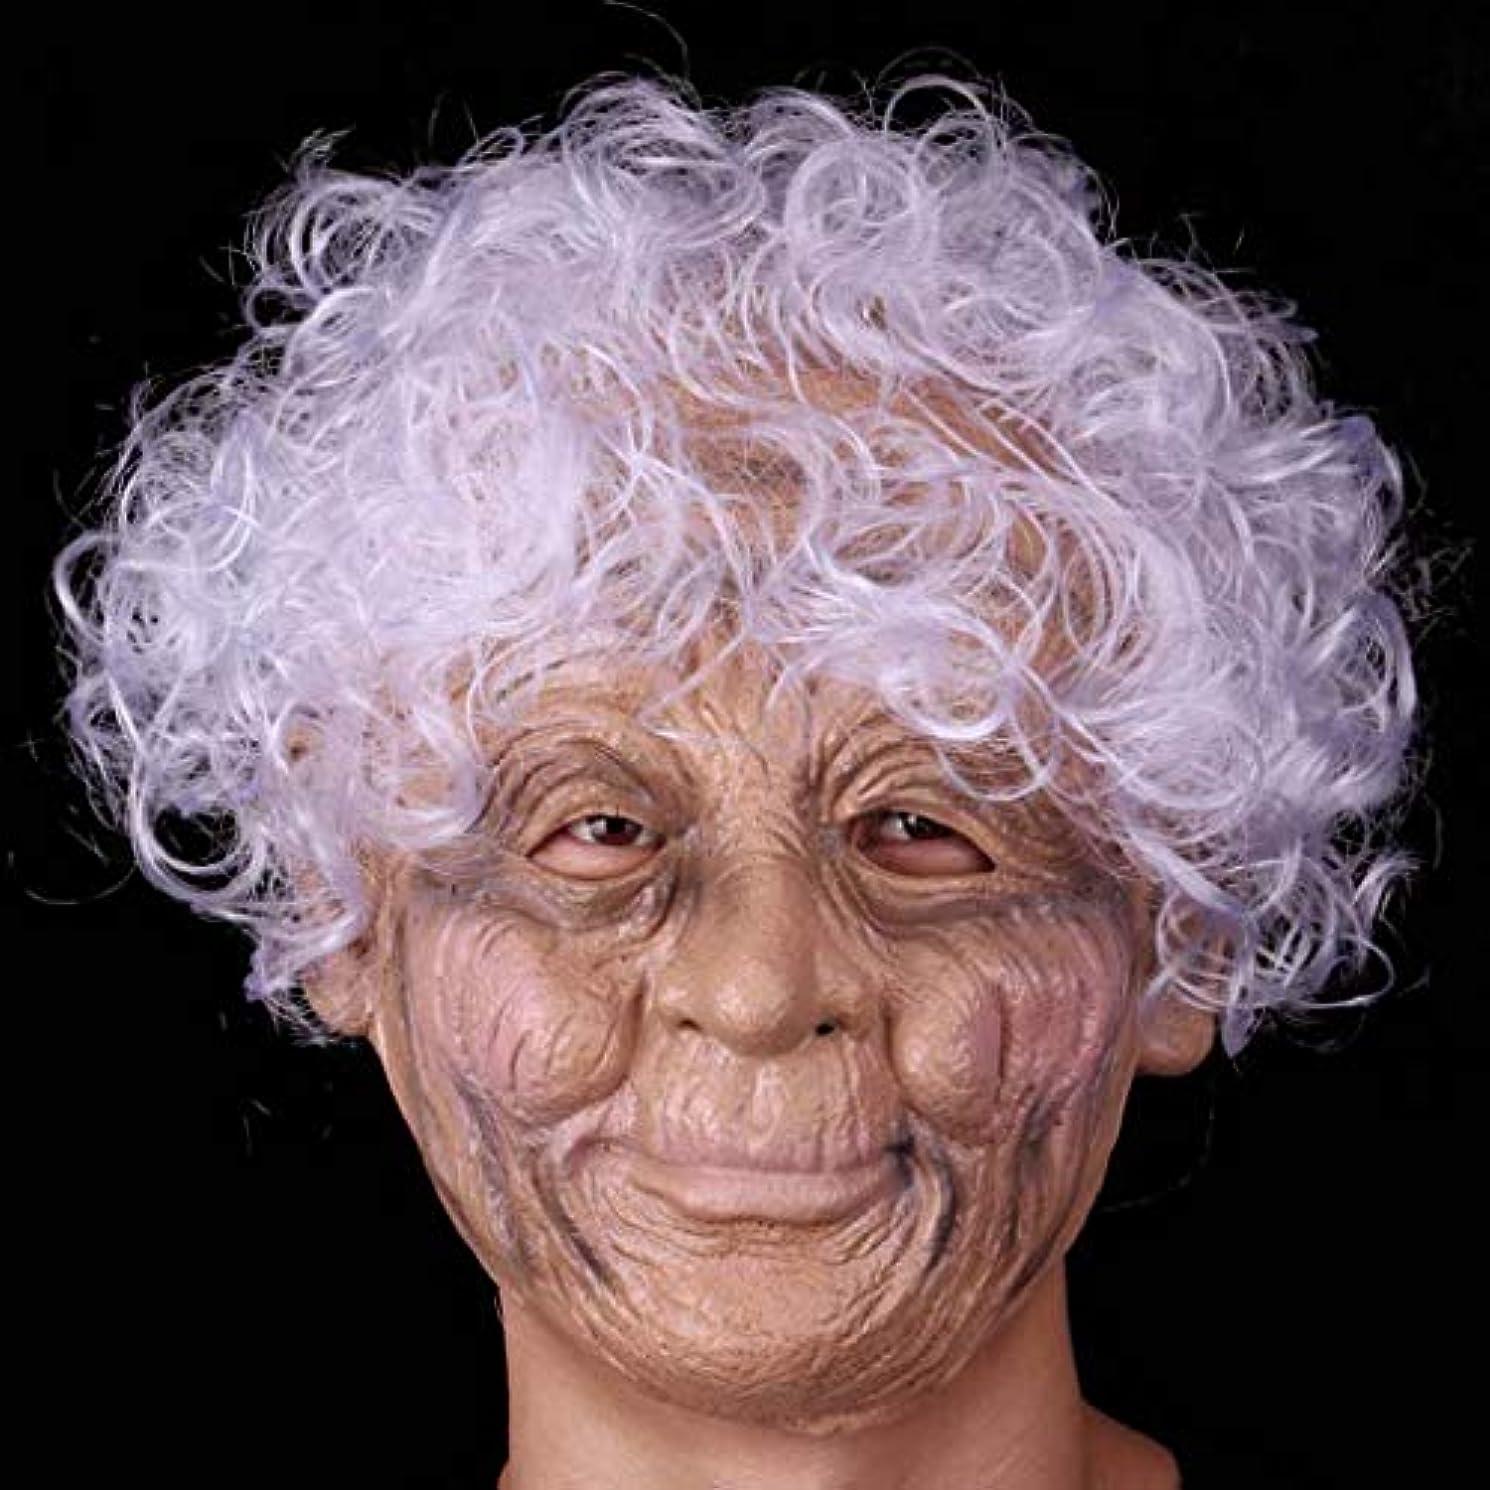 リスナーダンプ完璧ハロウィンラテックスフルフェイスマスクしわ魔女マスクおばあちゃんと白髪衣装プロップパーティーコスプレ